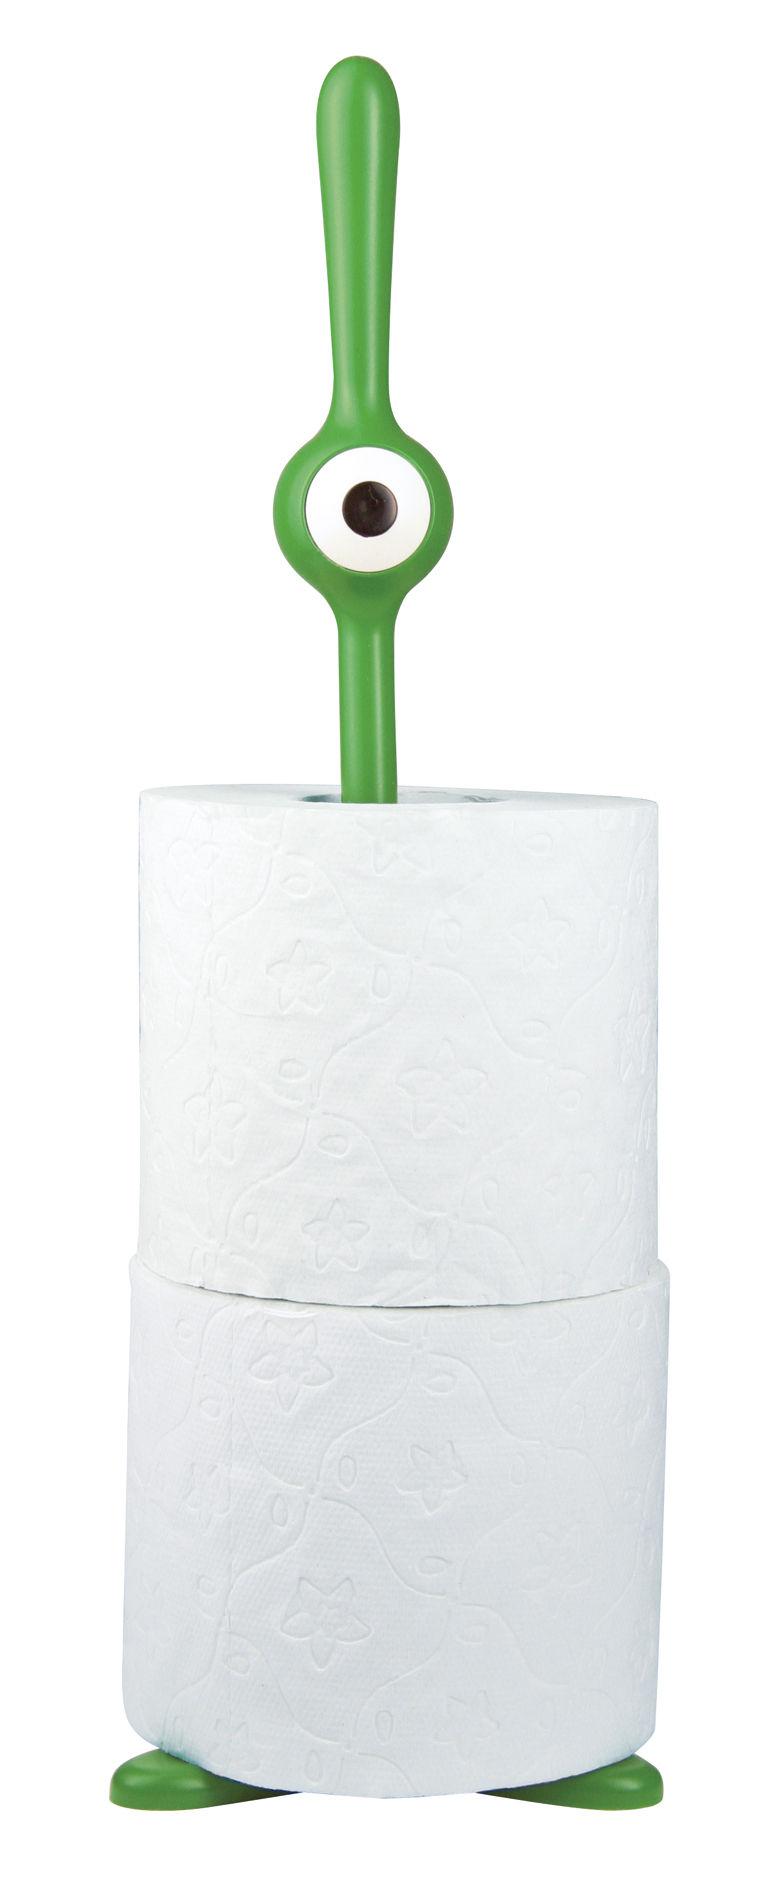 porte rouleau essuie tout toq papier toilette vert koziol. Black Bedroom Furniture Sets. Home Design Ideas